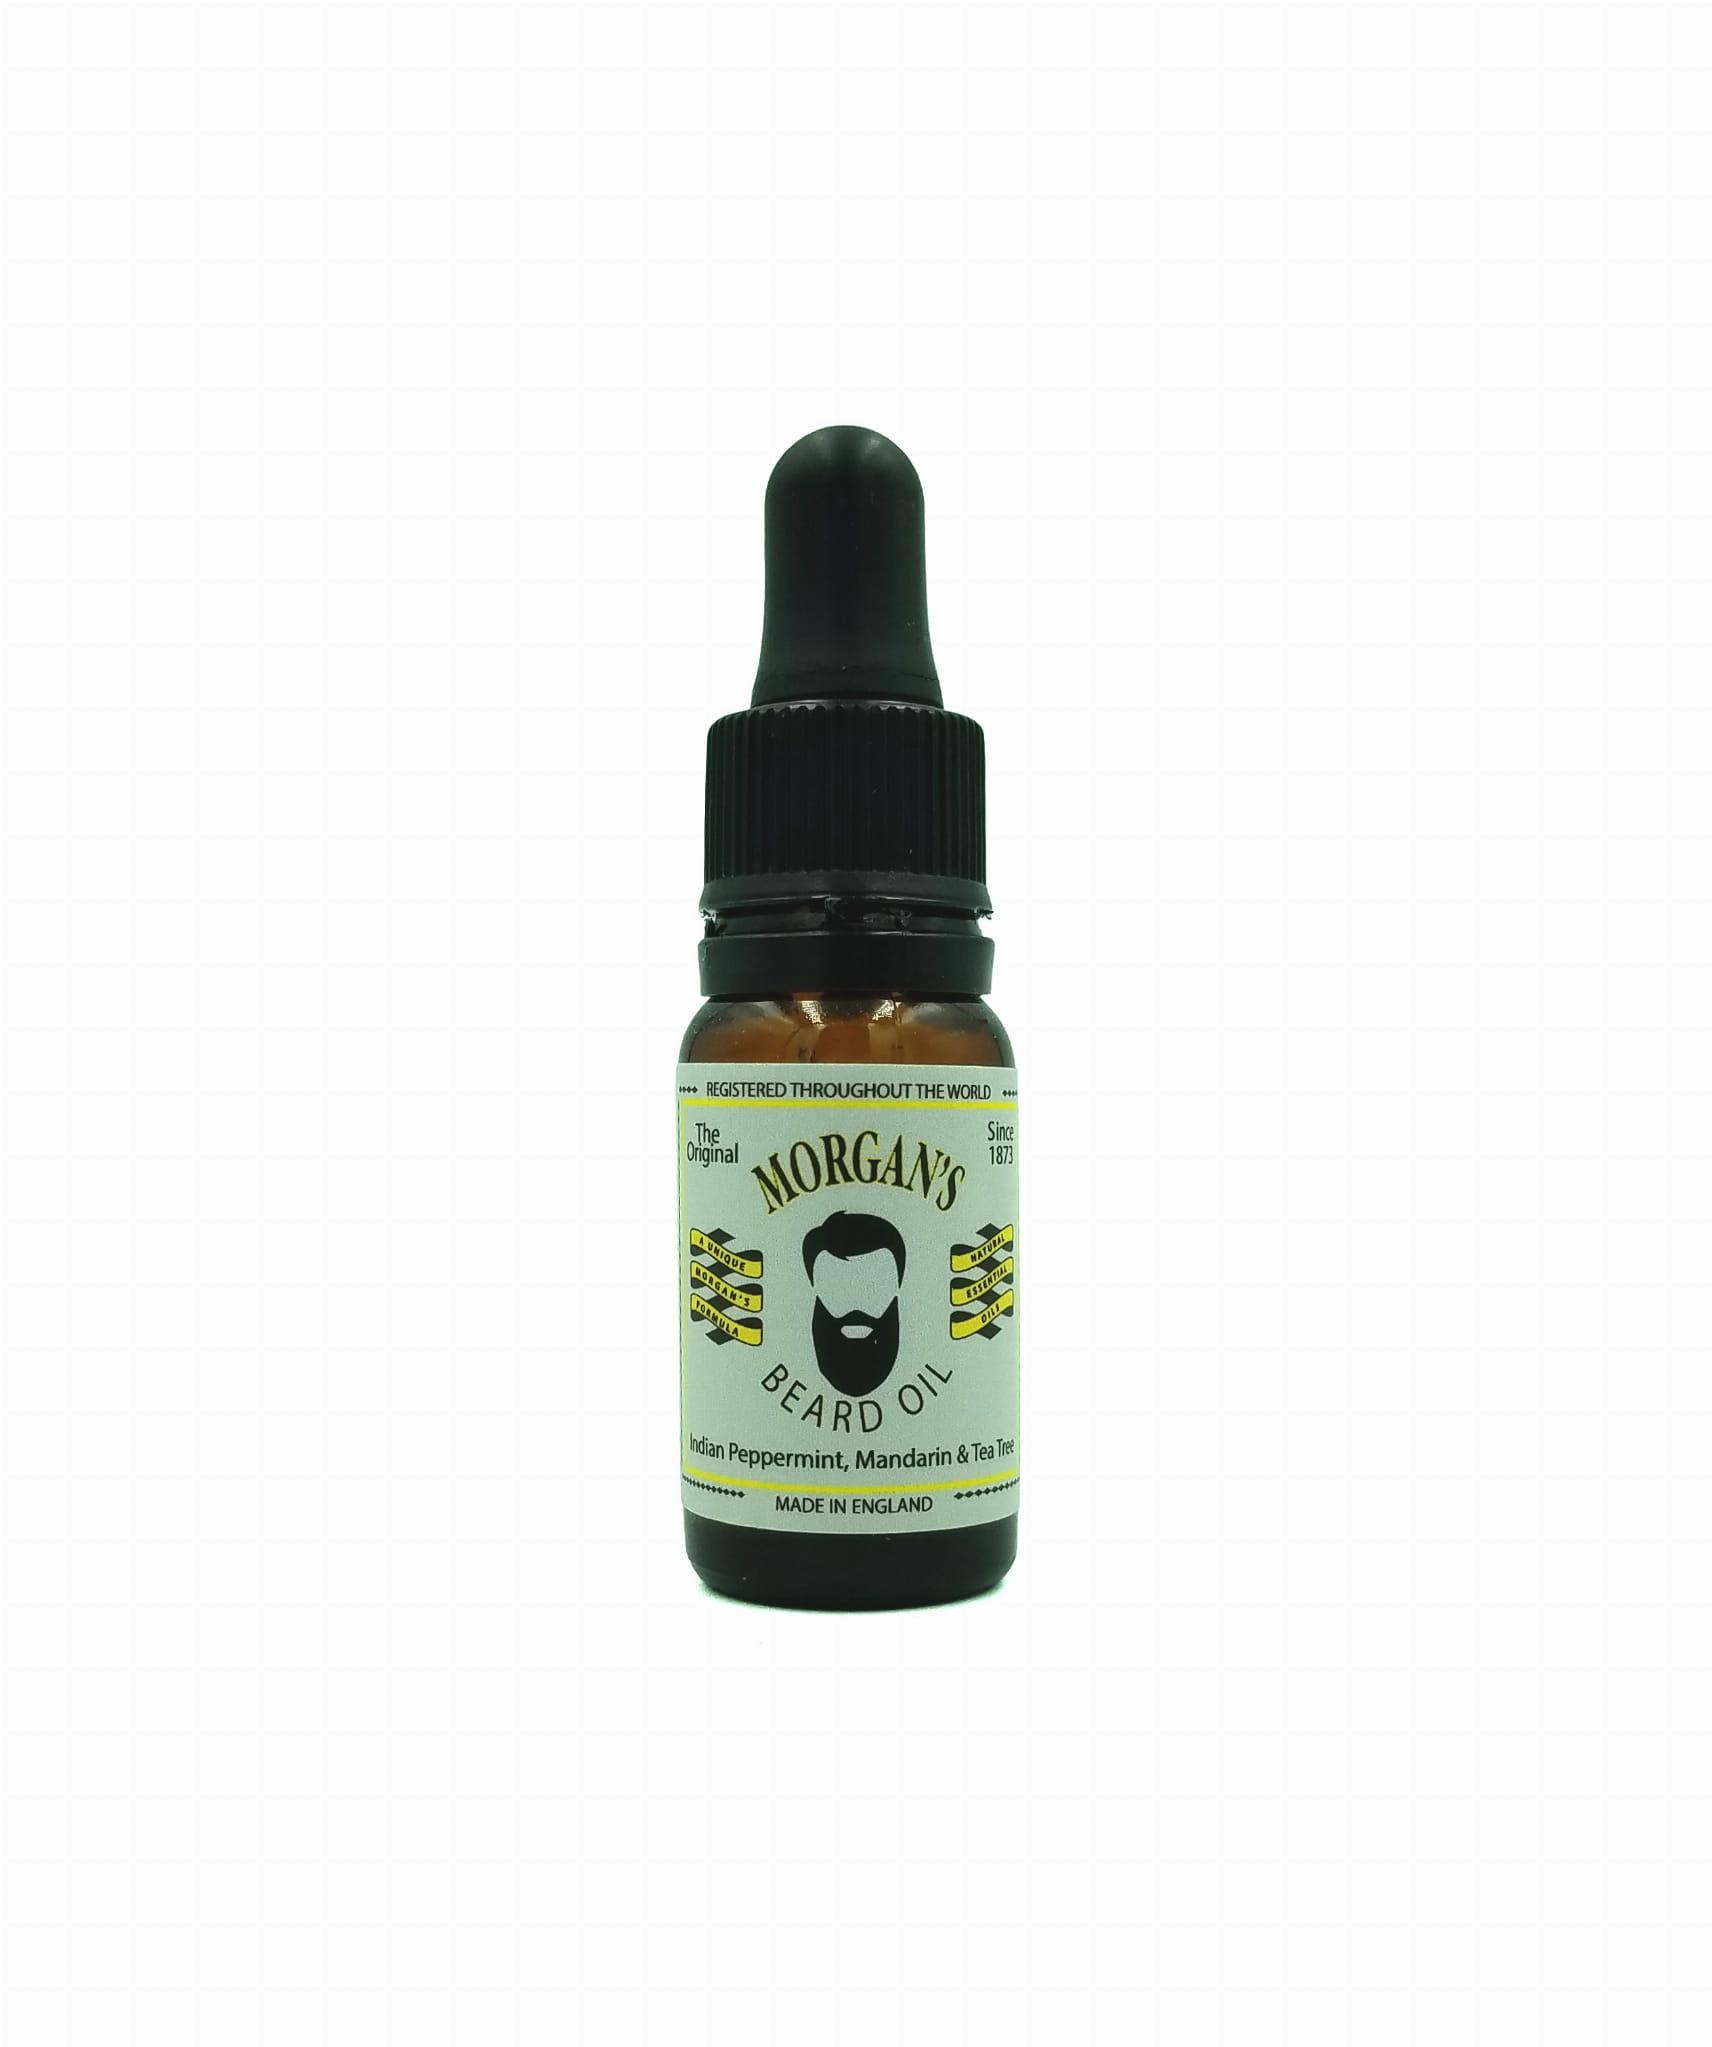 Morgans 100% Natural Beard Oil olejek do brody 10ml